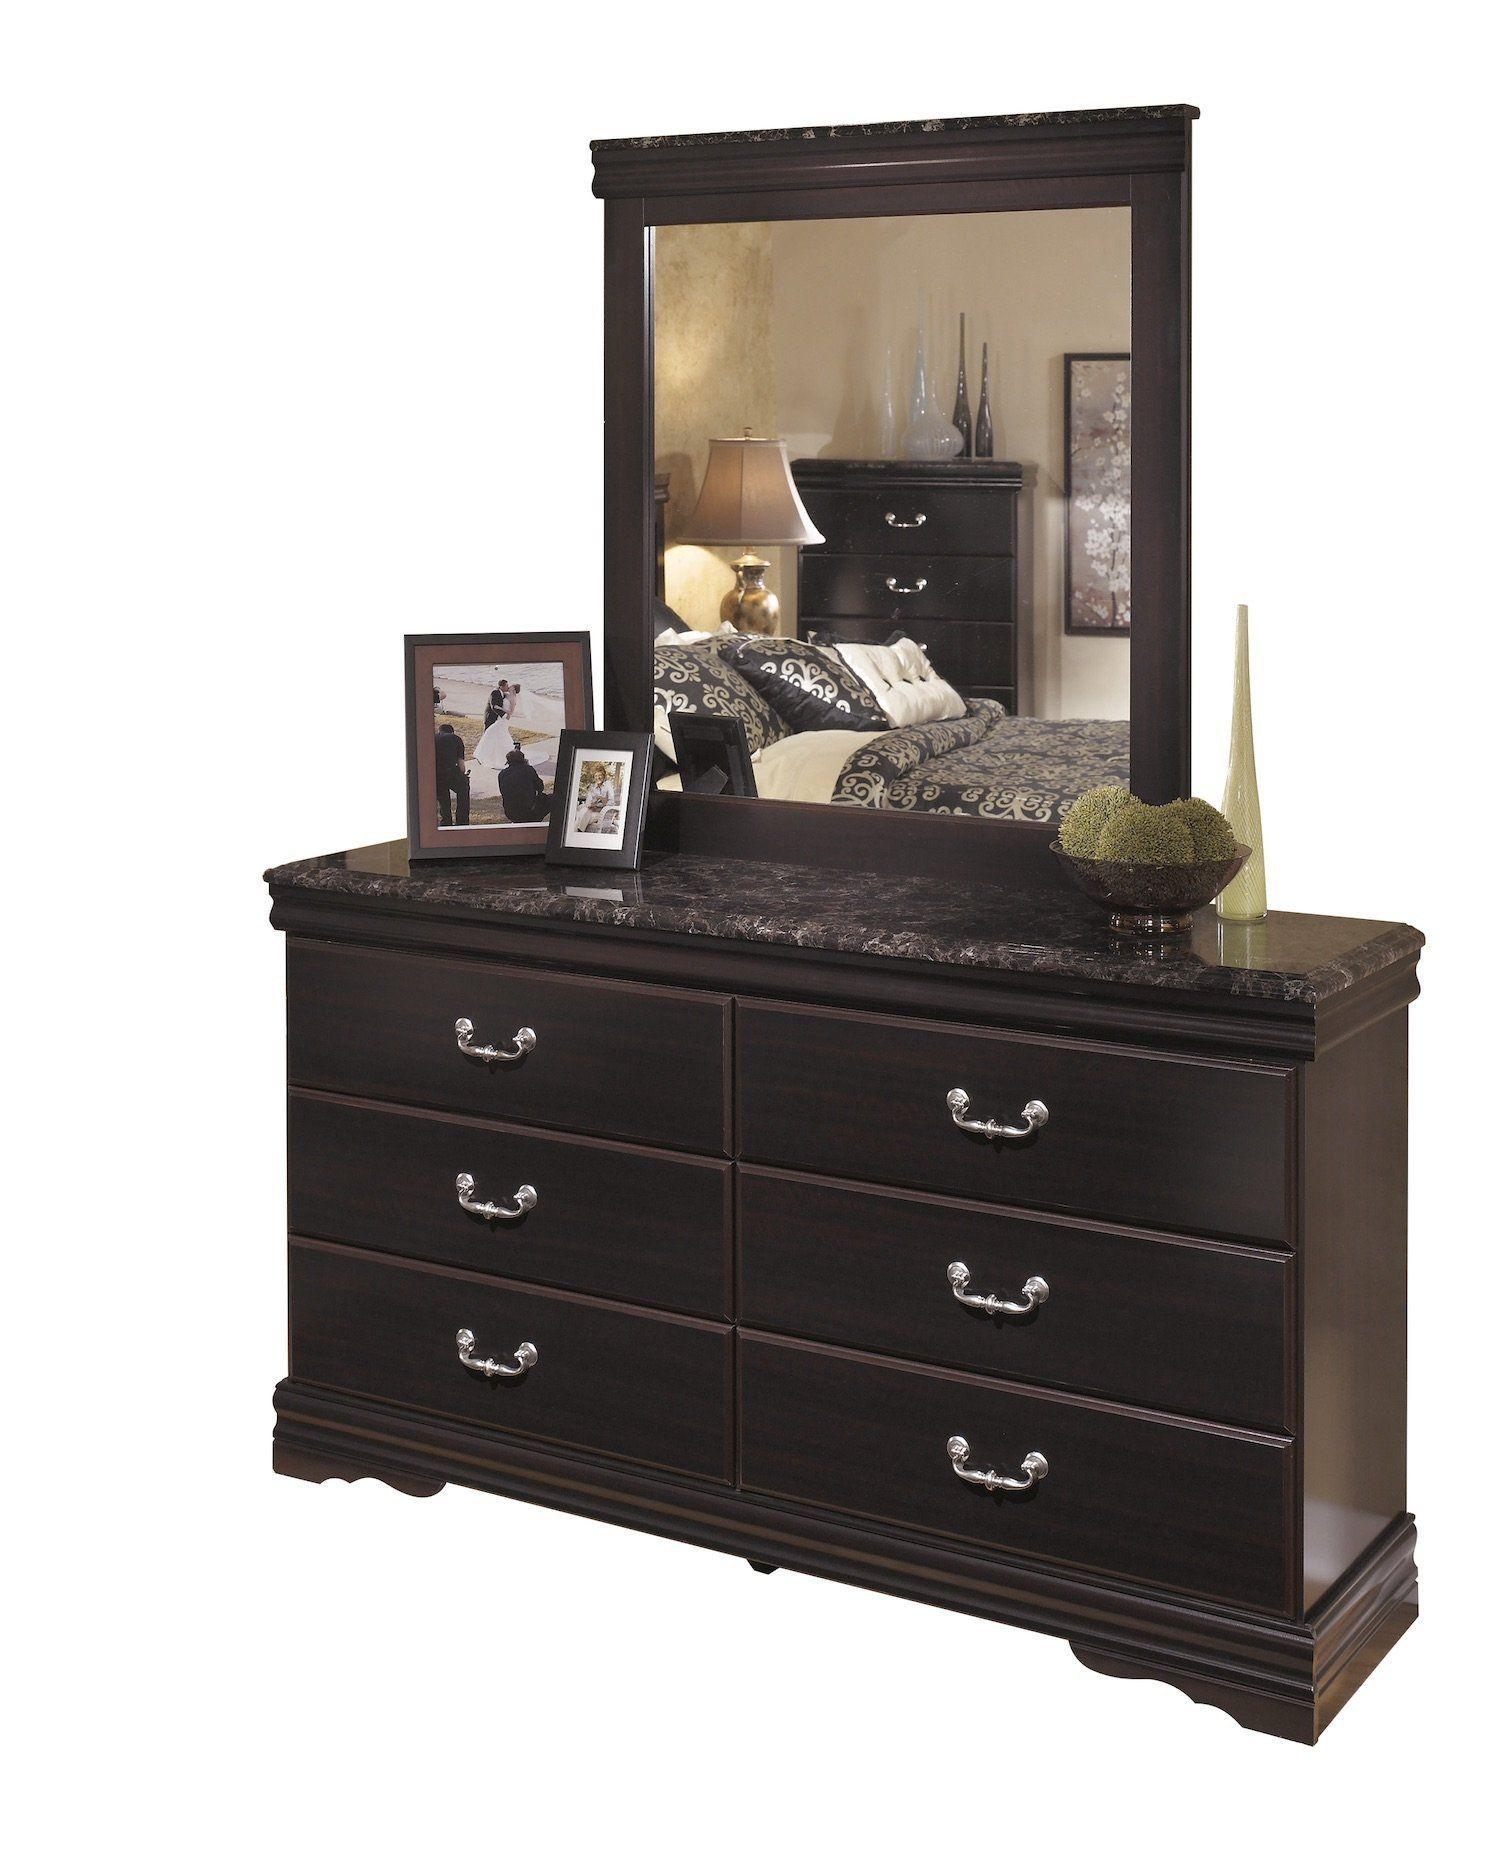 Ashley Esmarelda 4PC Queen Full Panel Headboard Bedroom